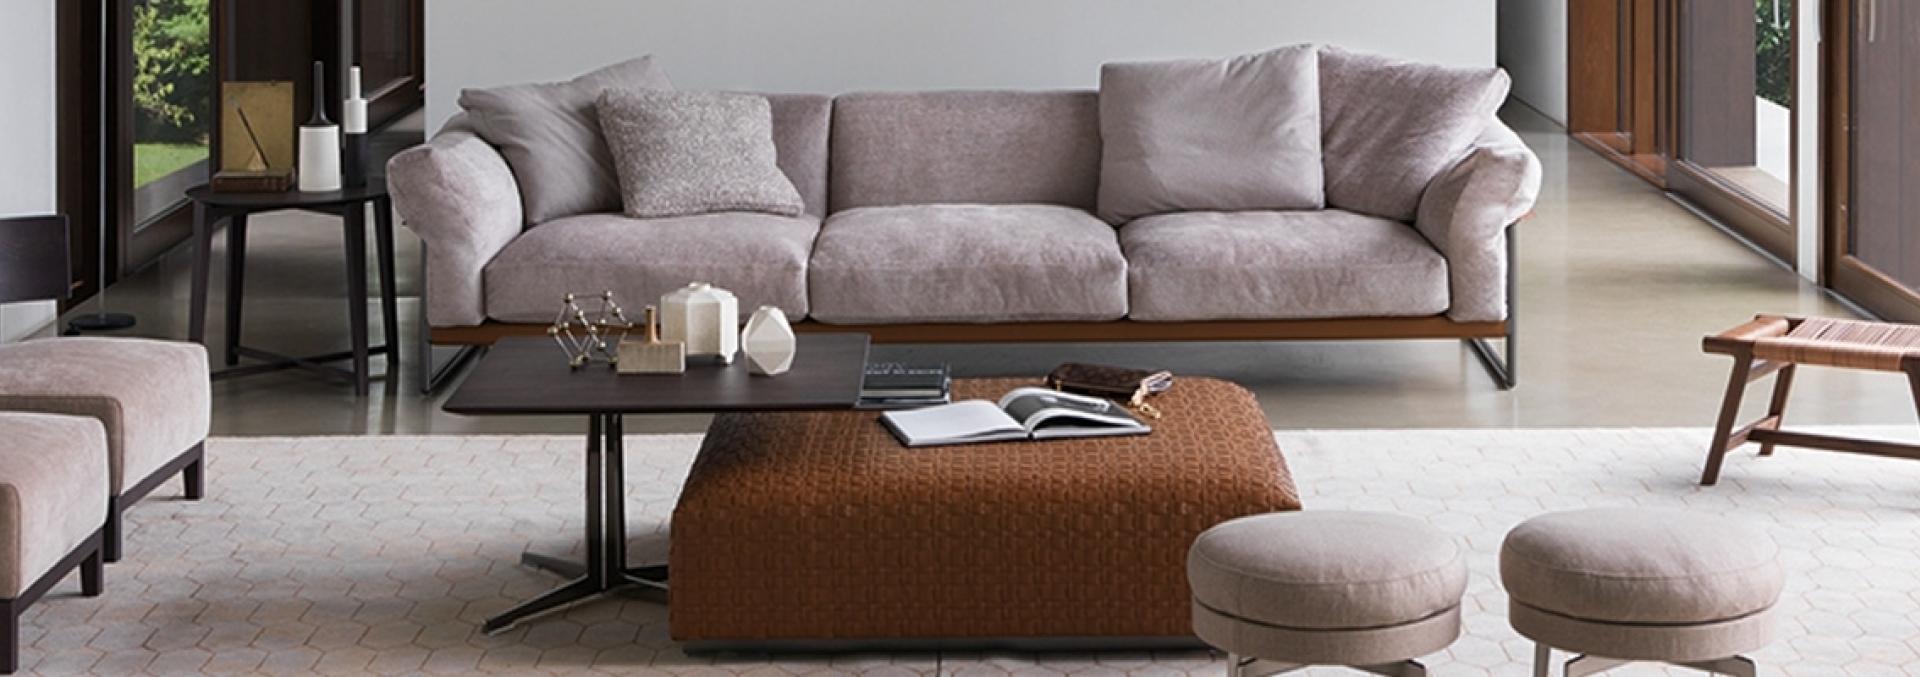 Full Size of Sofa Mit Abnehmbaren Bezug Grau Abnehmbarer Ikea Modulares Abnehmbarem Big Abnehmbar Waschbar Sofas Hussen Stoffsofas Komplett Waschbare Bezge Bett Matratze Sofa Sofa Mit Abnehmbaren Bezug